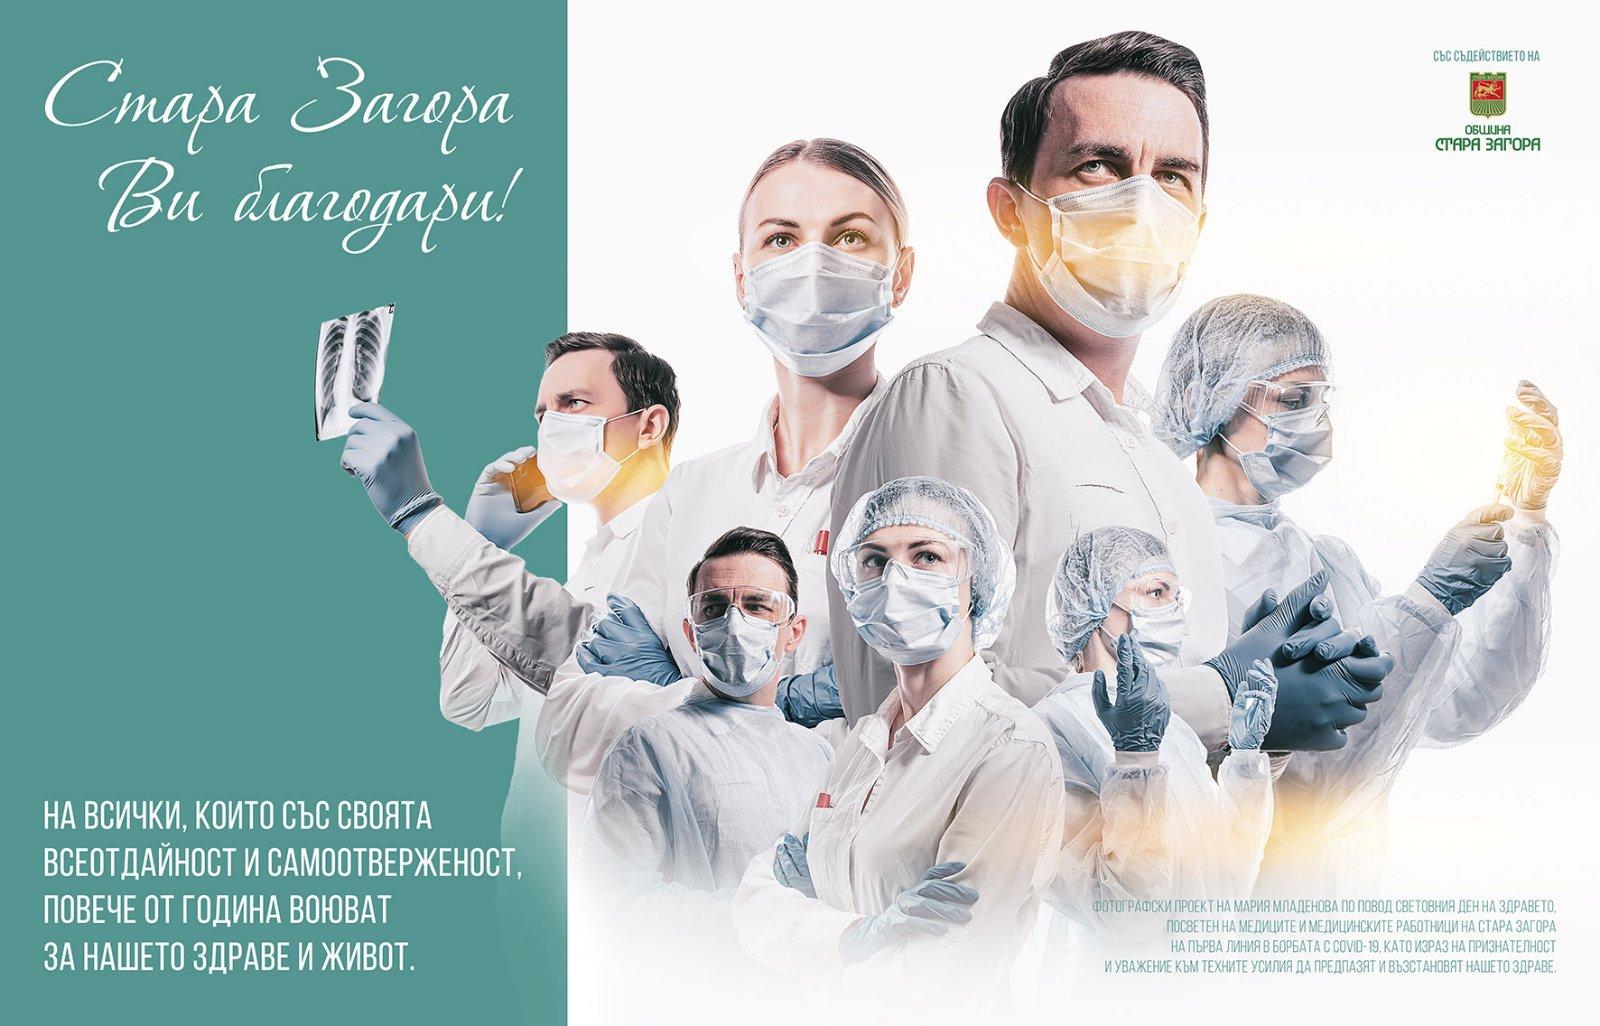 Изложба посветена на медиците представят в Стара Загора